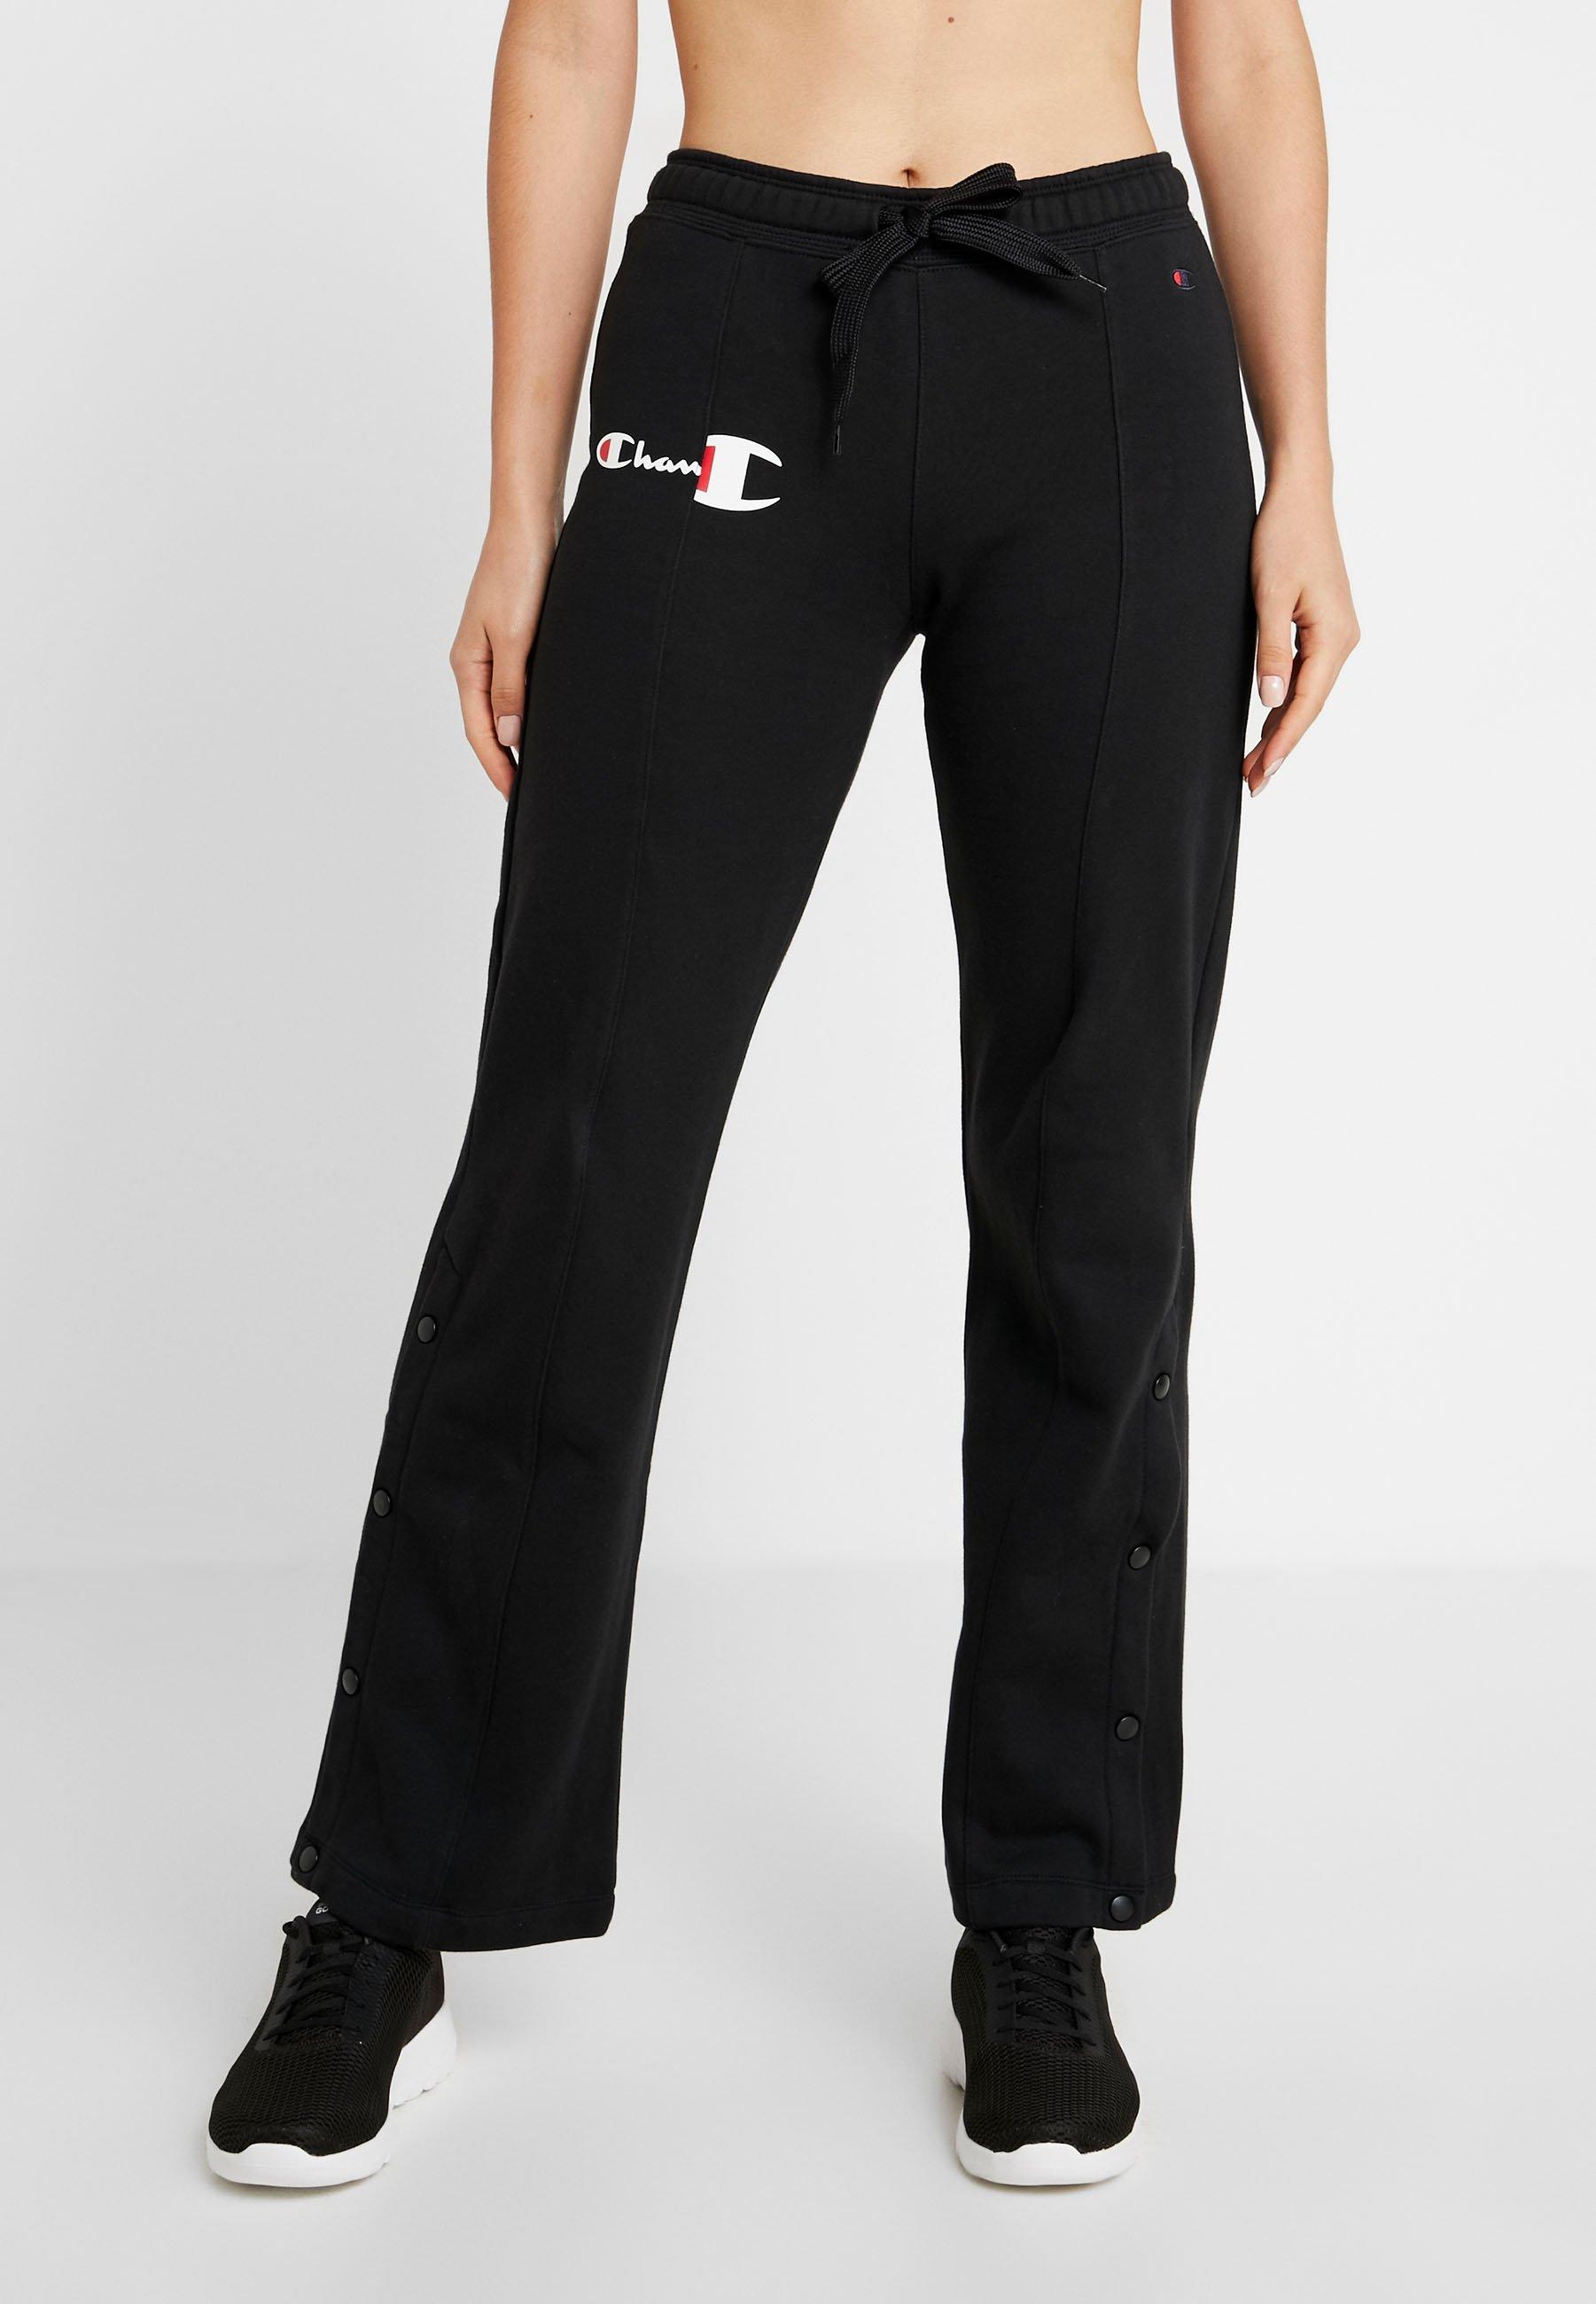 Straight Black PantsPantalon Champion De Survêtement N8wOknXP0